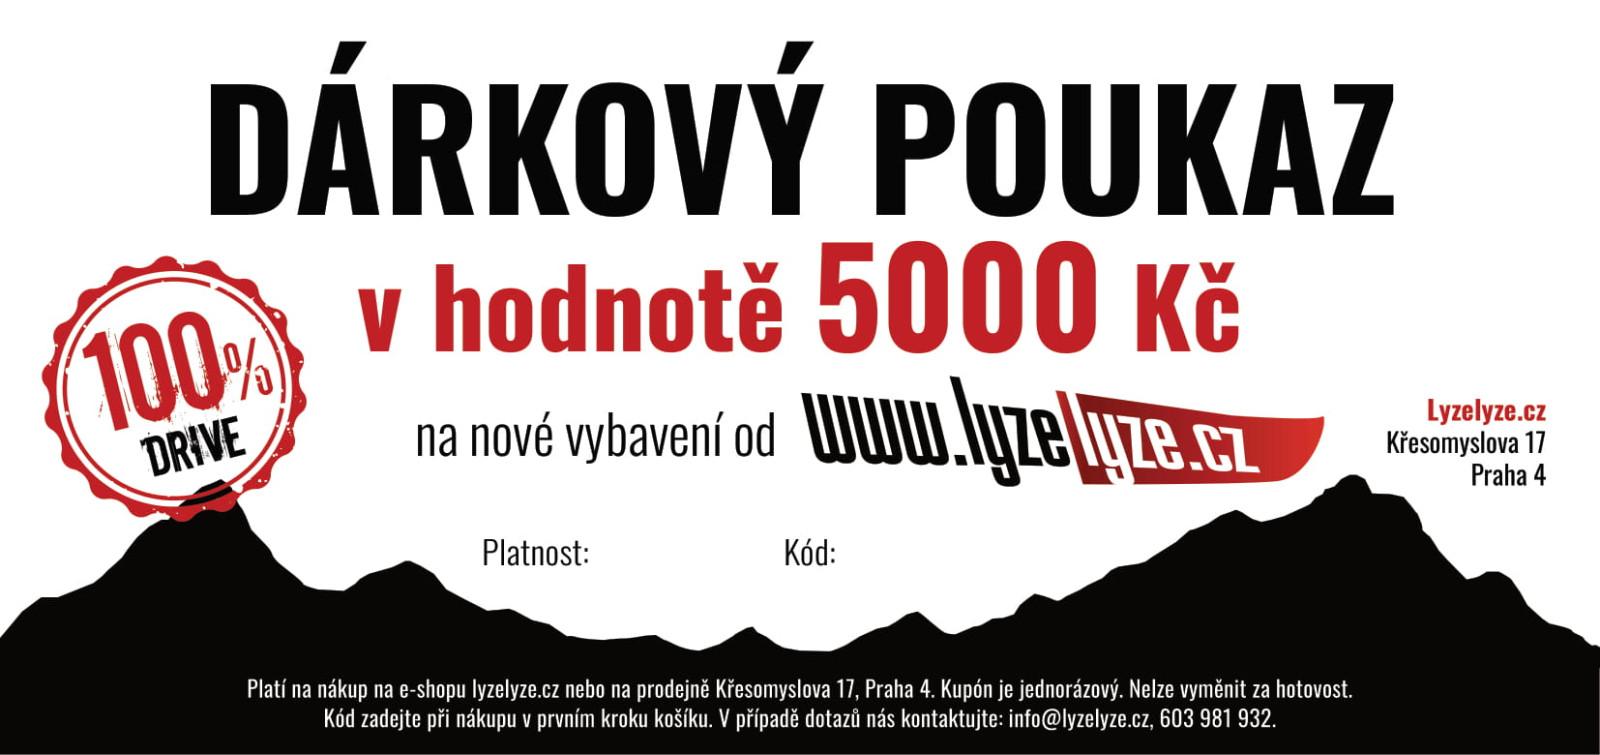 LyzeLyze.cz Dárkový poukaz 5000 Kč